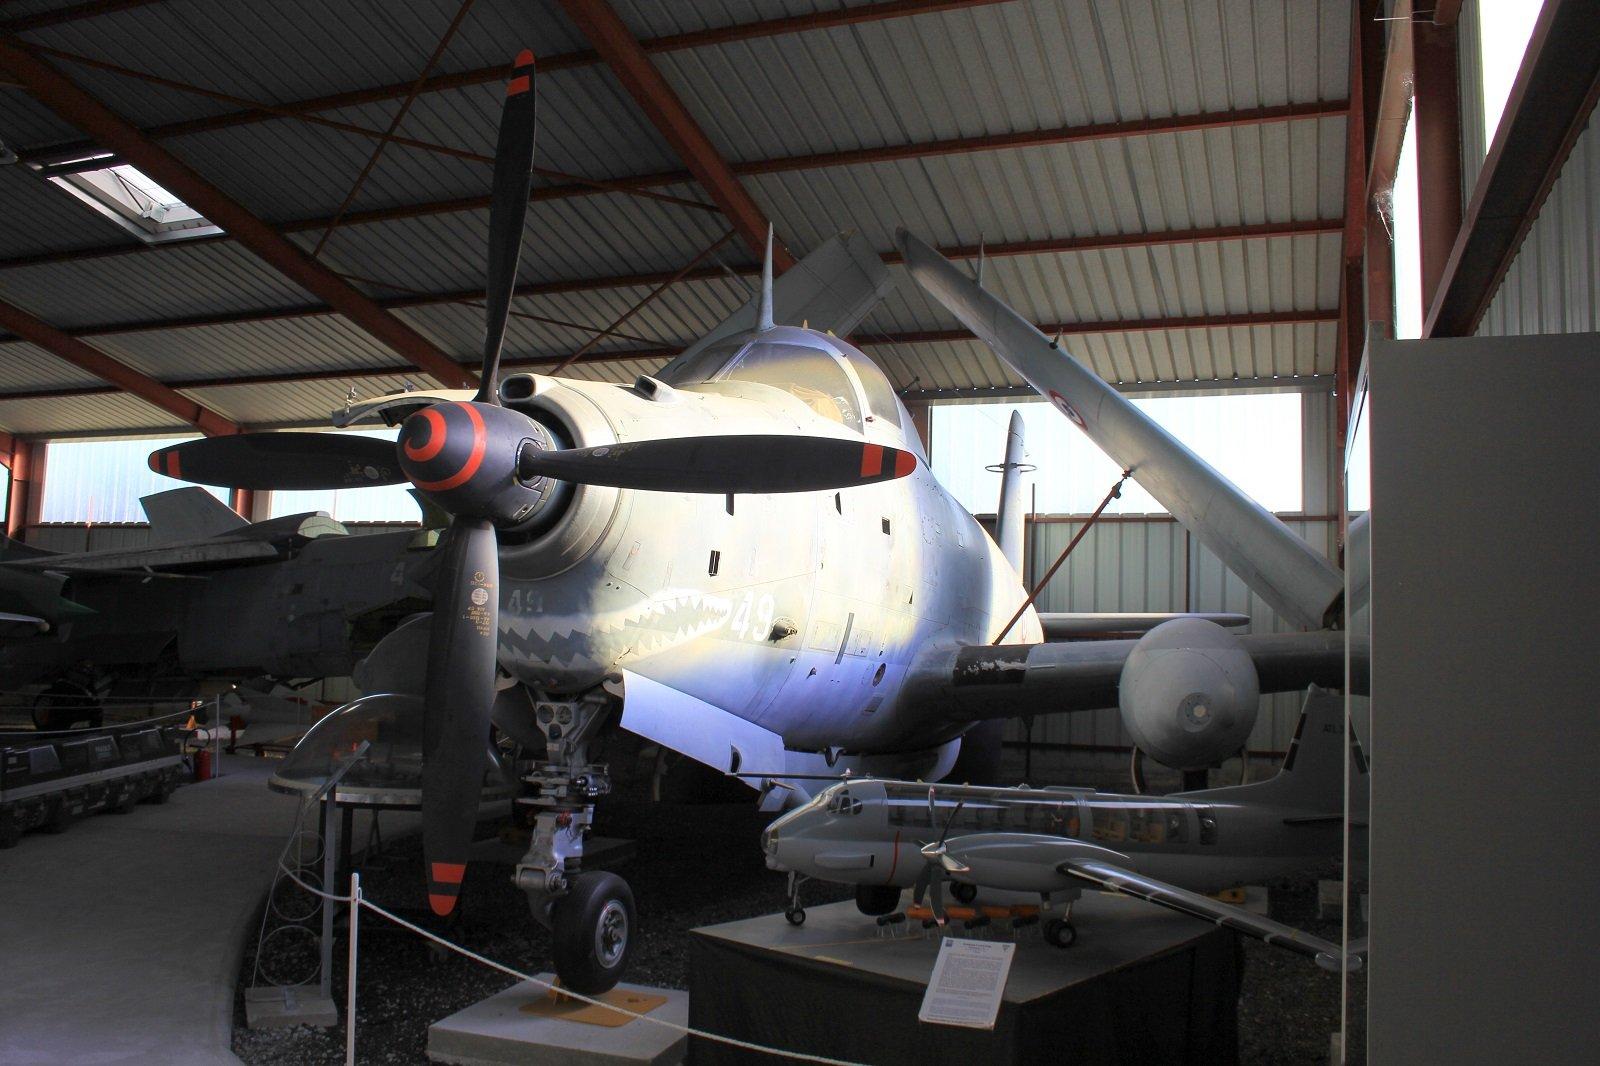 musée de l'aviation de chasse de Montelimar  - Page 2 191030072443946306